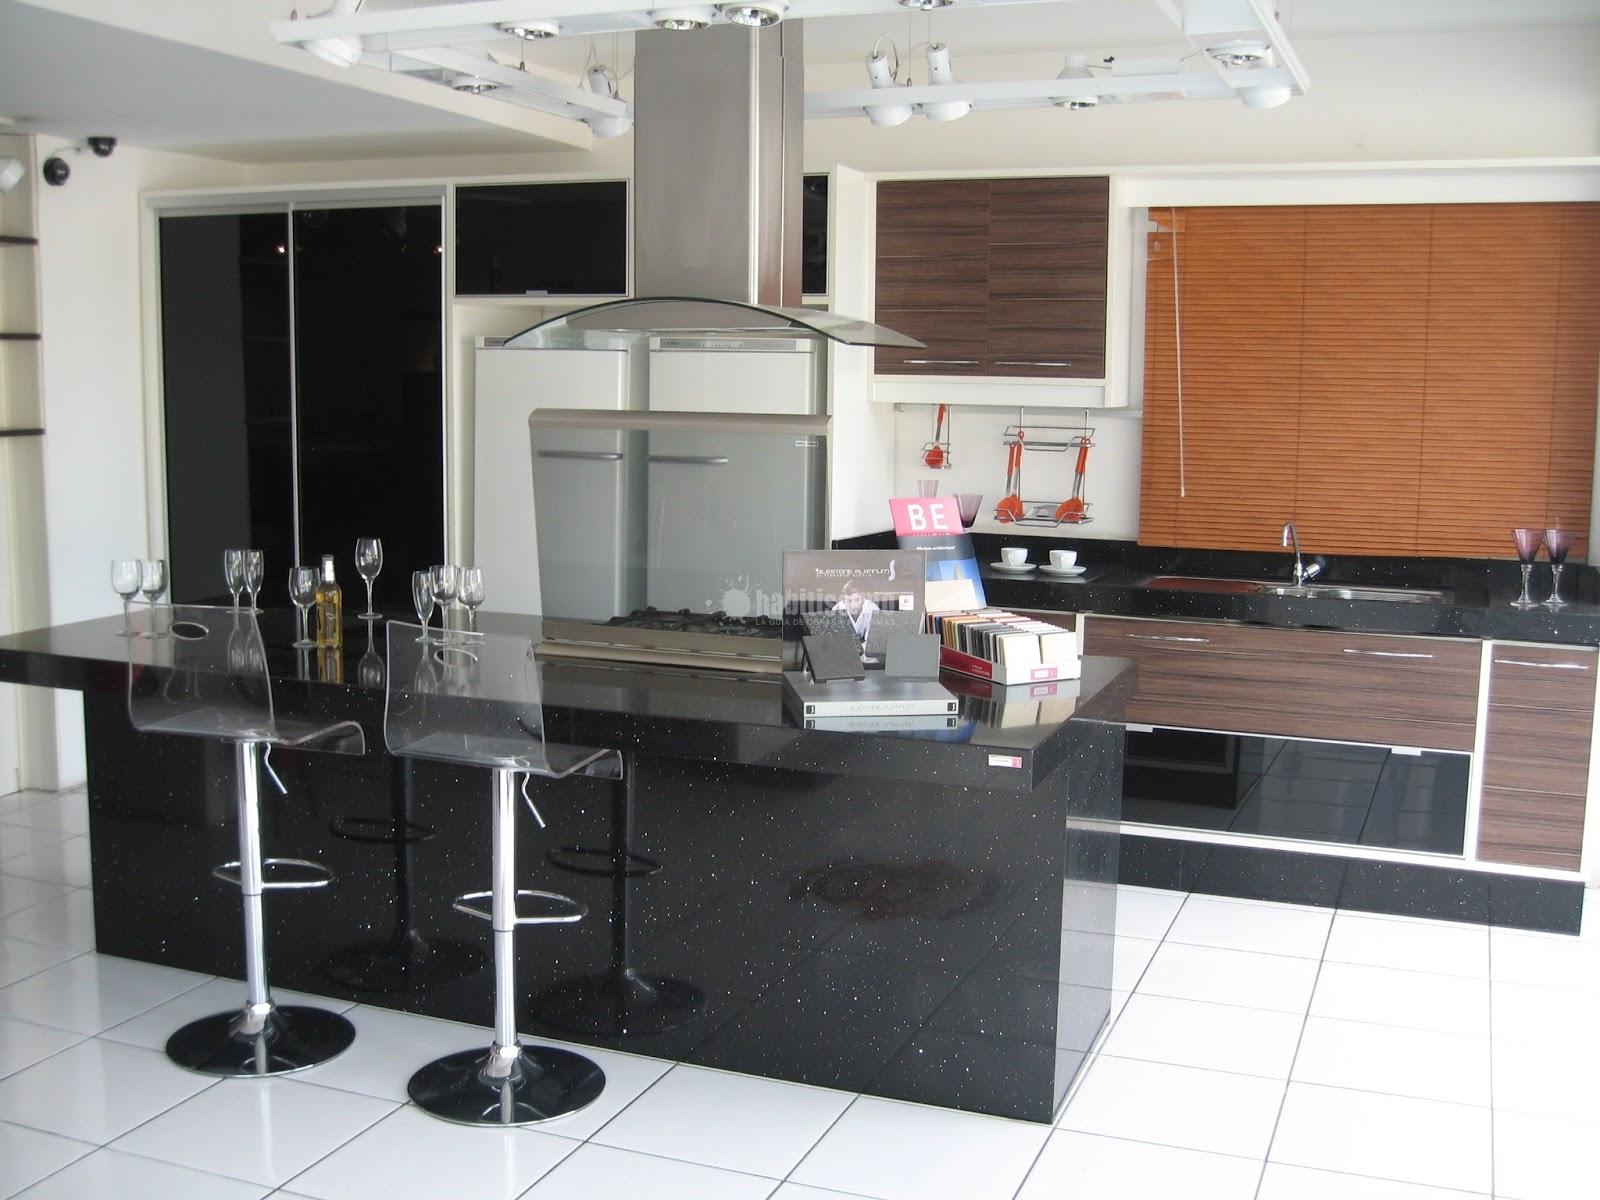 Cozinhas planejadas: Cozinhas sob medida Lindos modelos #905B3B 1600 1200